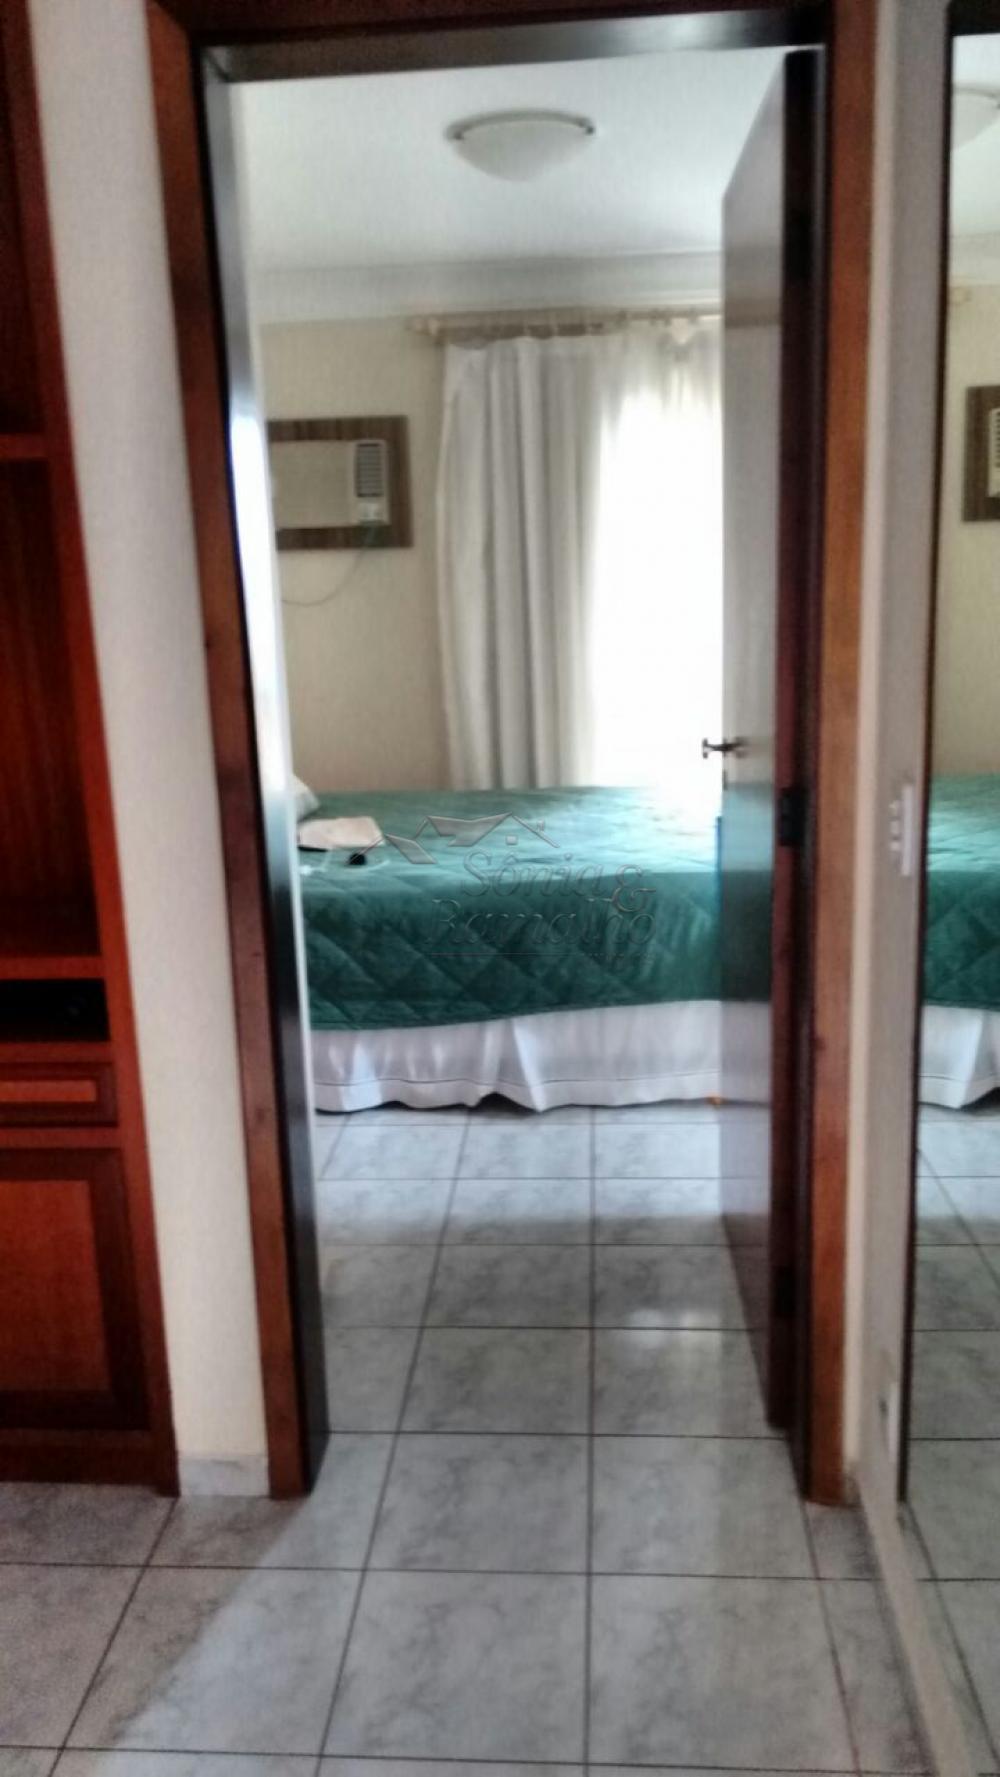 Comprar Apartamentos / Padrão em Ribeirão Preto apenas R$ 590.000,00 - Foto 12